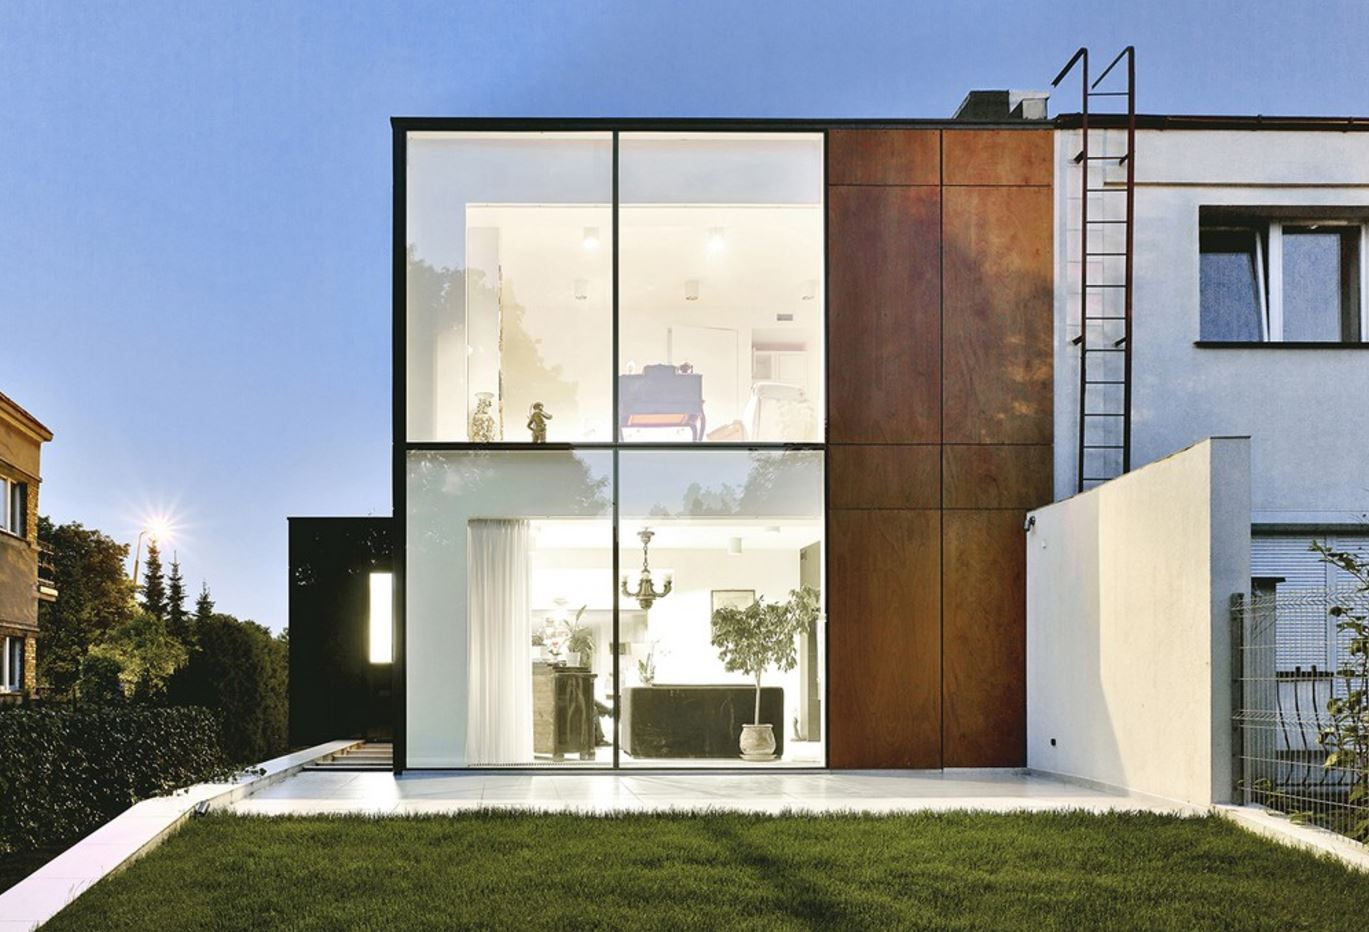 Fachadas de acero corten el horizontal de las carpinteras - Acero corten fachadas ...